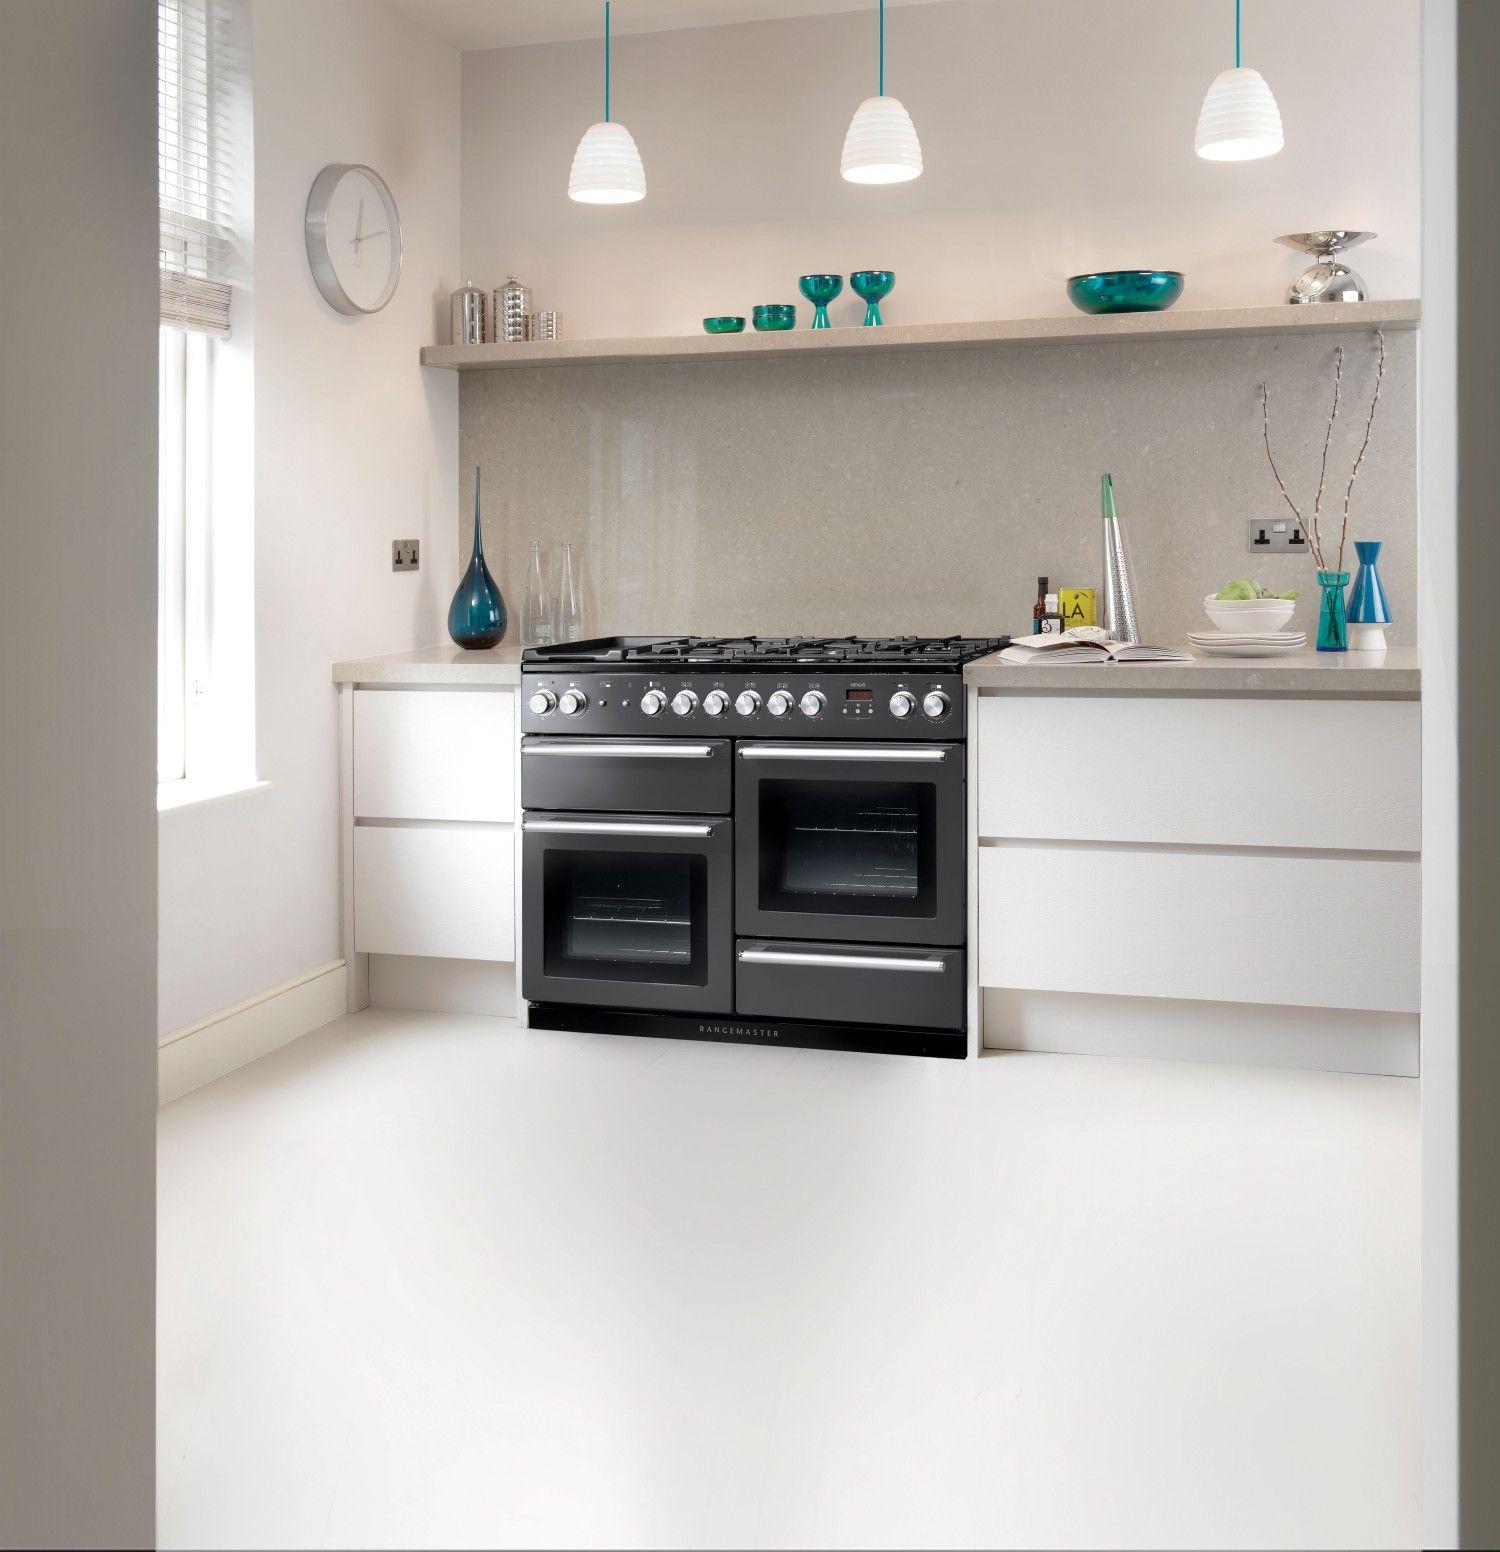 Großartig Küchengeräte Queens Ny Bilder - Ideen Für Die Küche ...